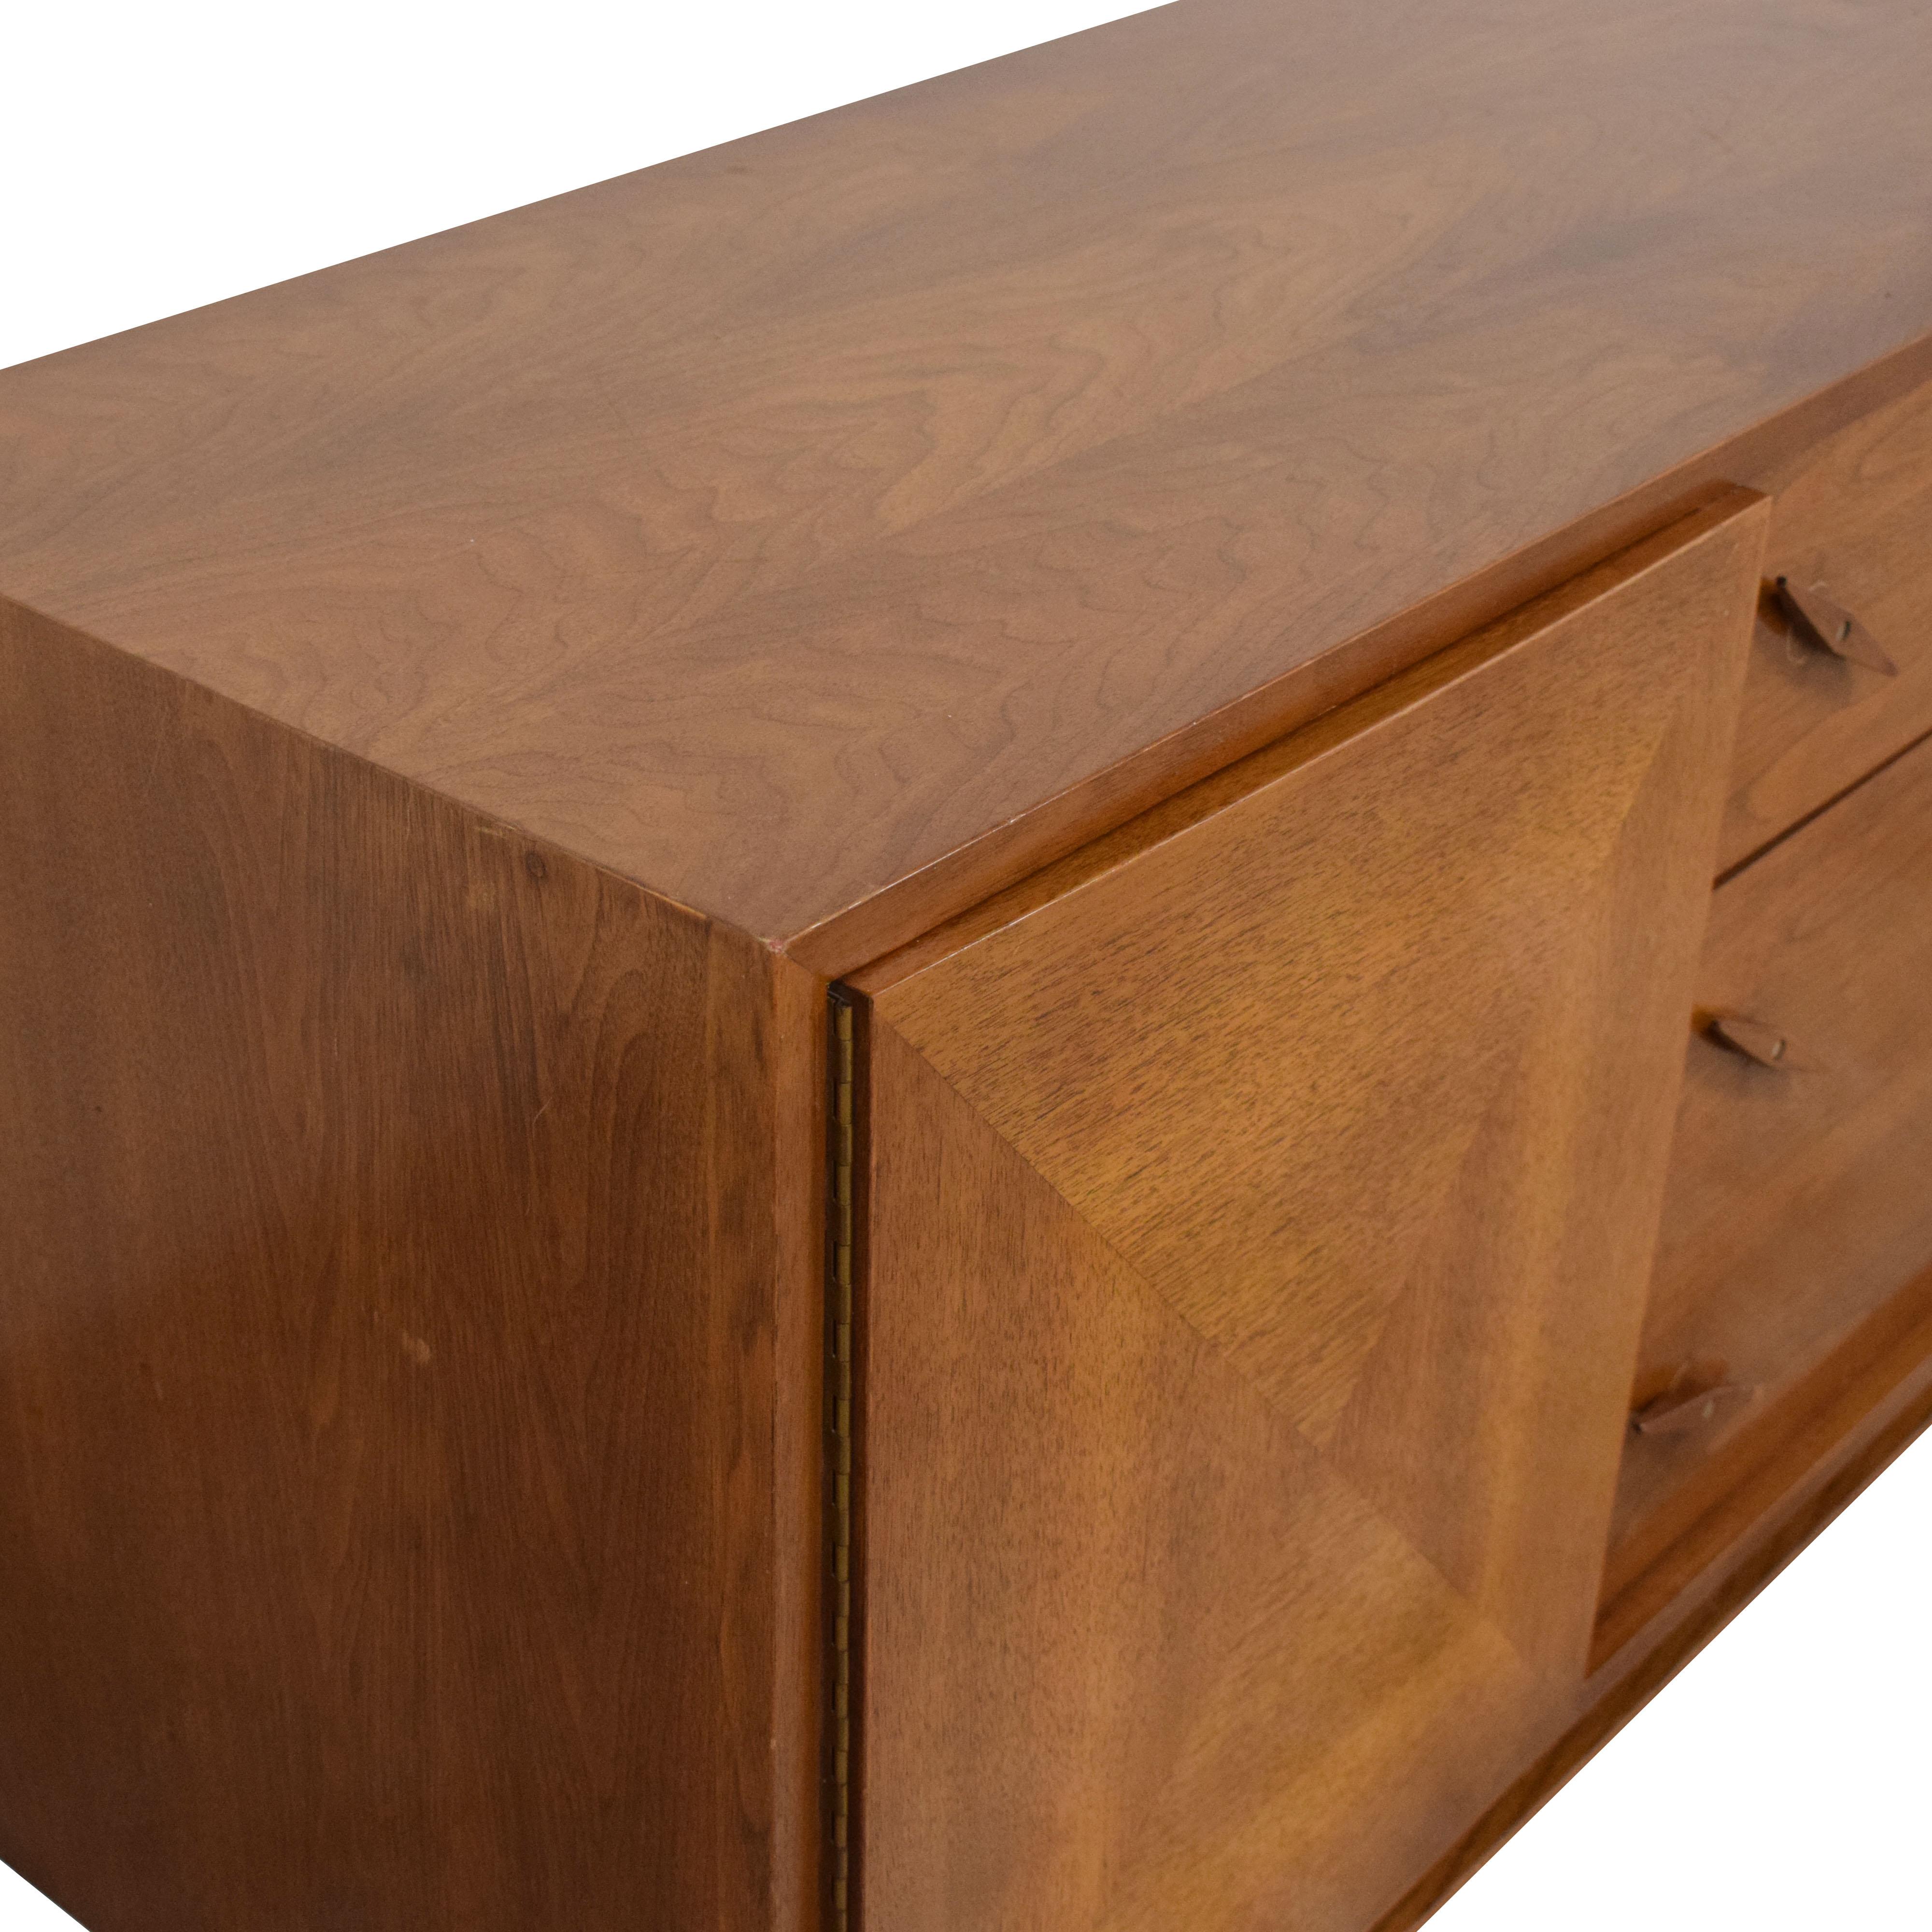 American of Martinsville American of Martinsville Mid Century Credenza Dresser